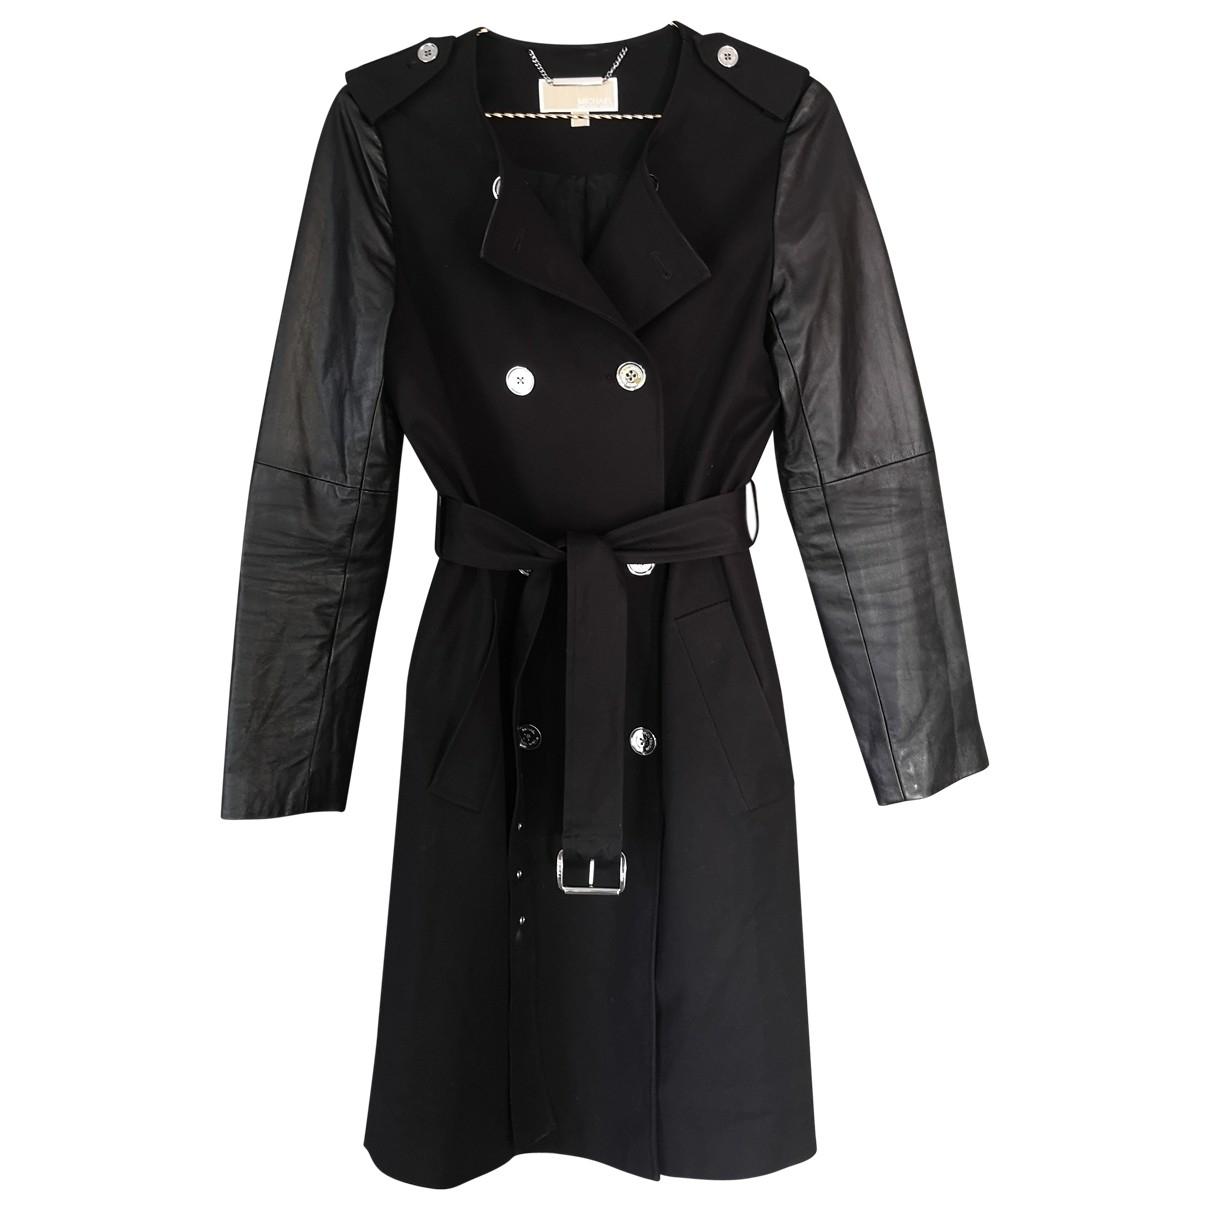 Michael Kors N Black Leather Trench coat for Women M International